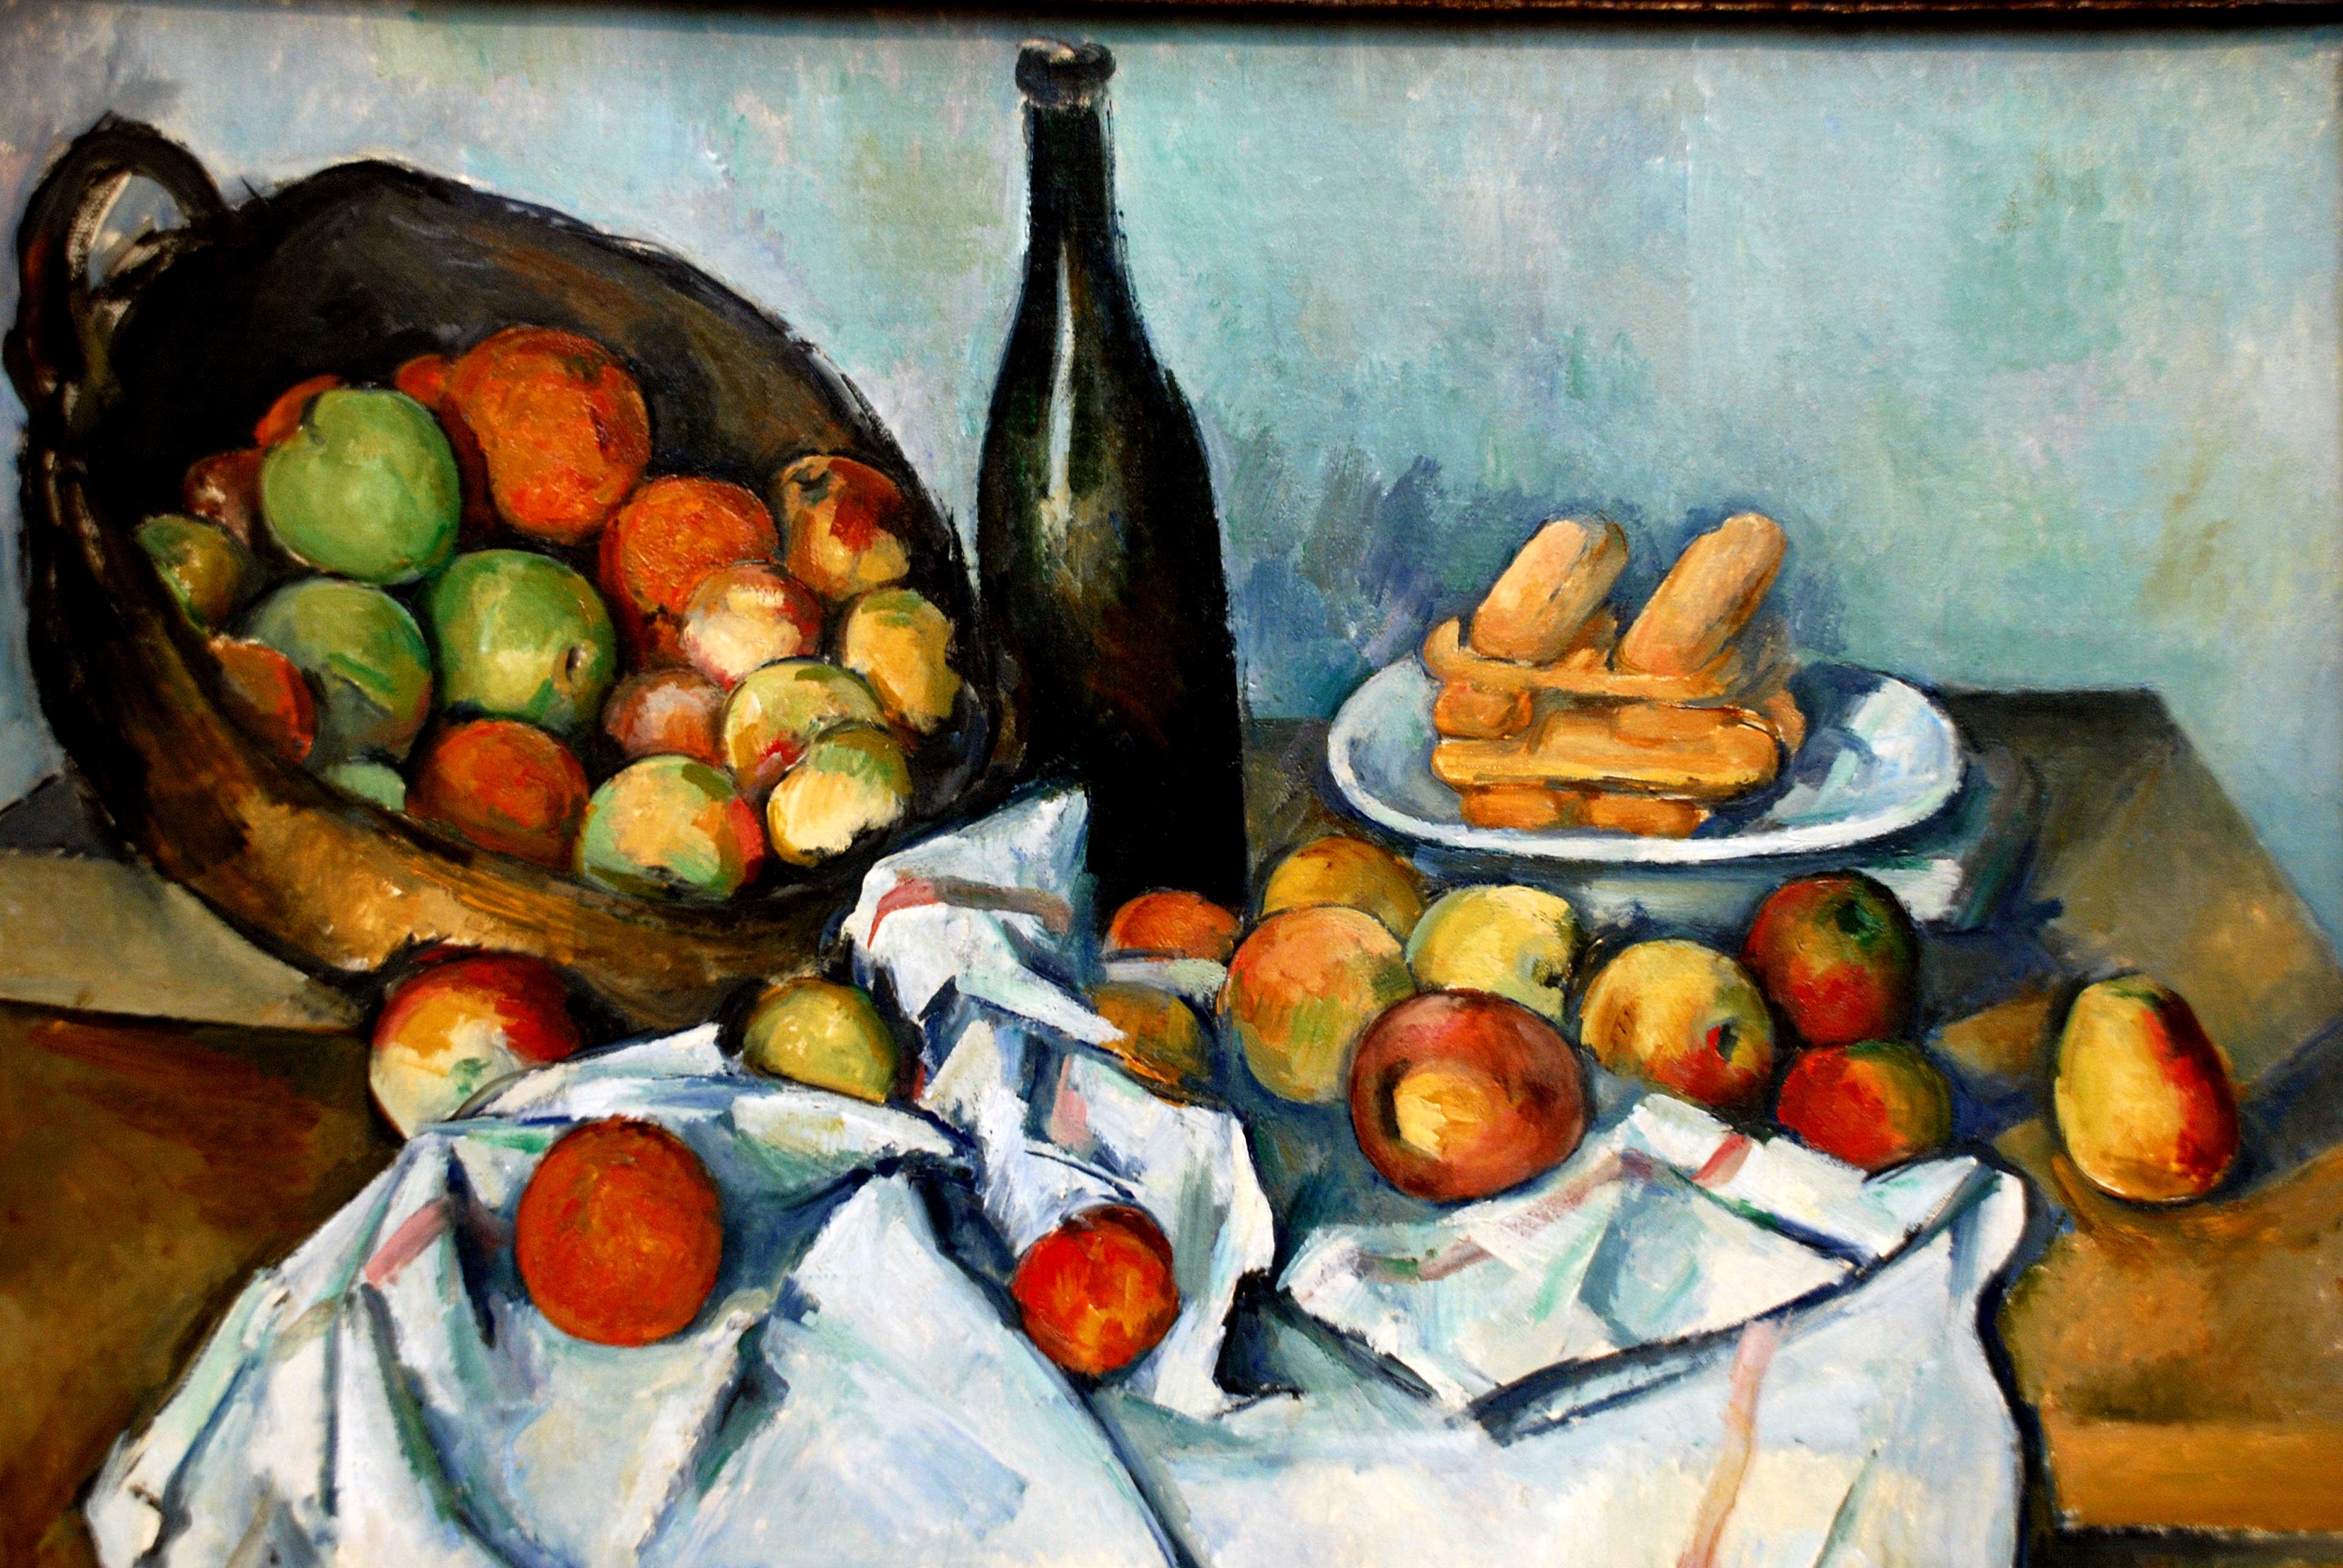 Fotografía de un cuadro de Cezane en el Instituto de Arte de Chicago.